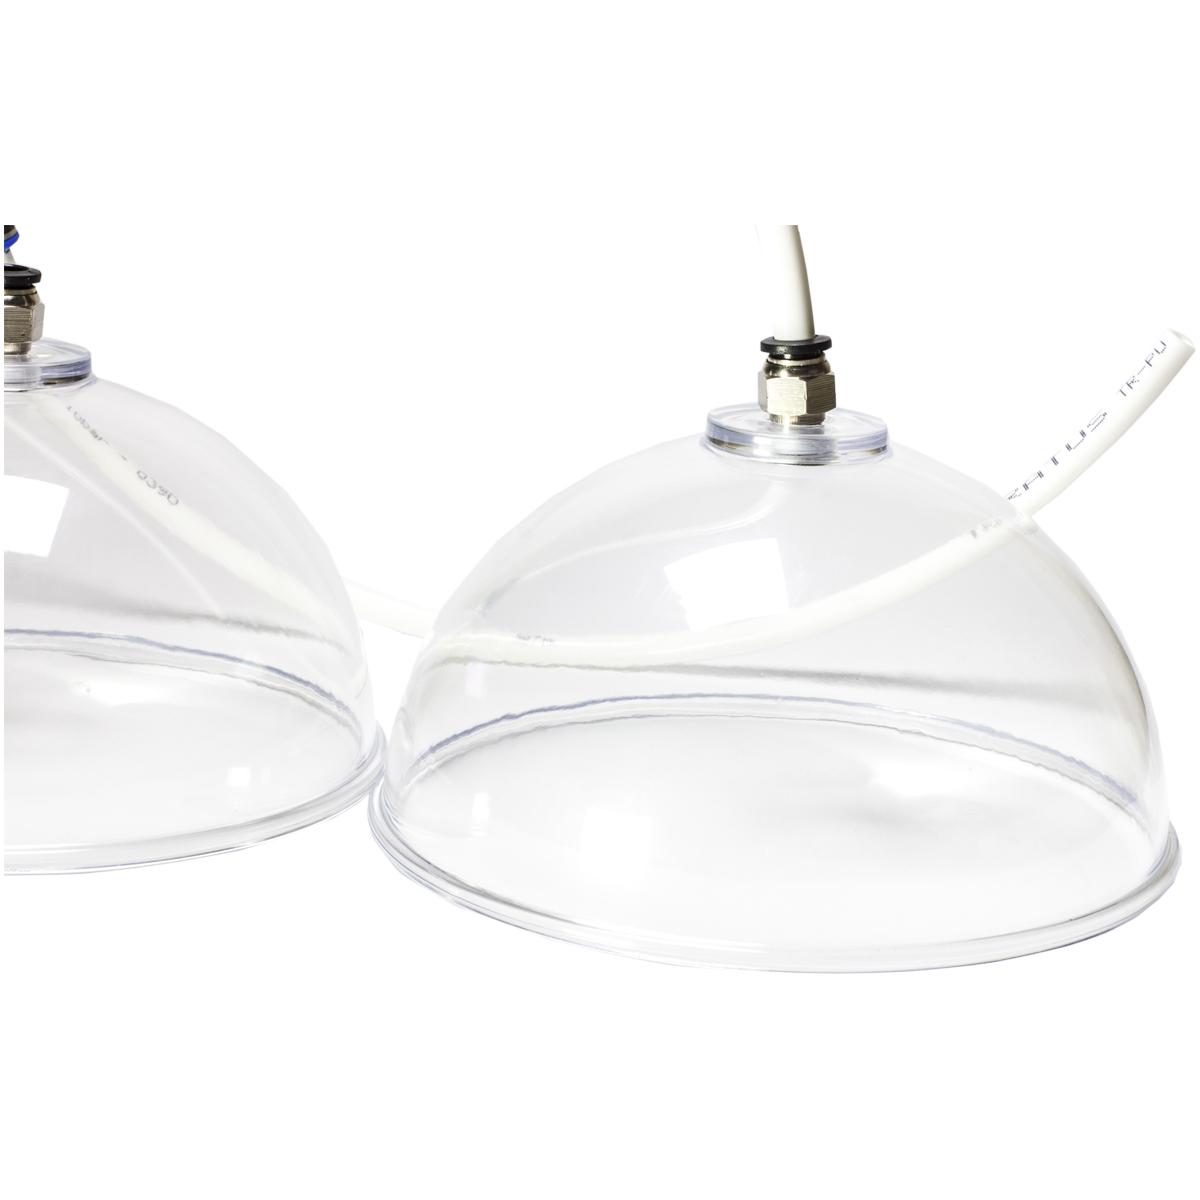 Kit Ventosas Pump Up Para Glúteos 16cm E 19cm - Vacuoterapia